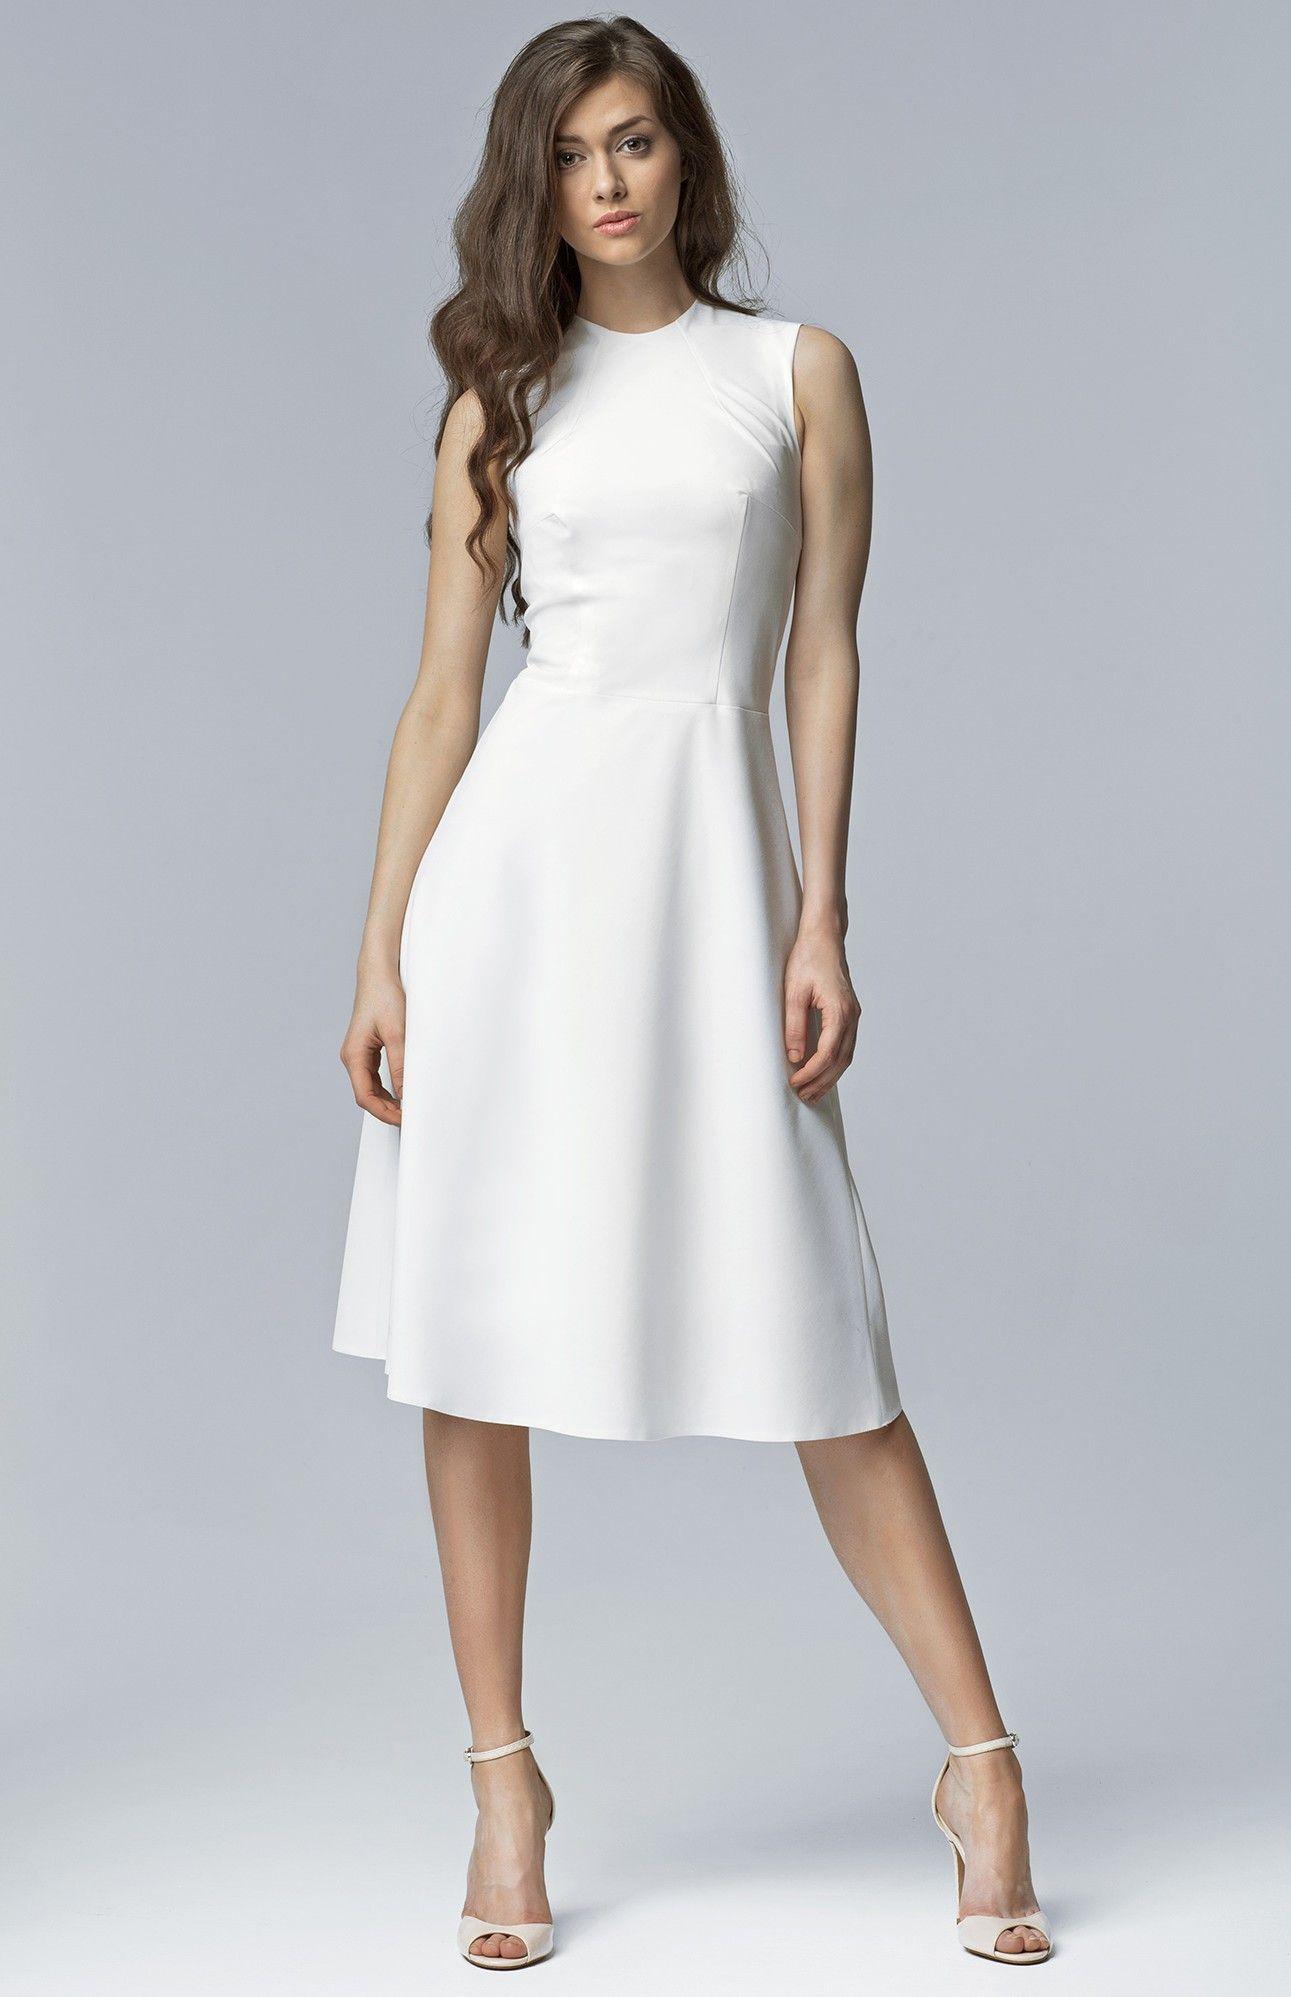 robe fourreau bretelles violette les robes blanches robe chic robe et robe noire classique. Black Bedroom Furniture Sets. Home Design Ideas